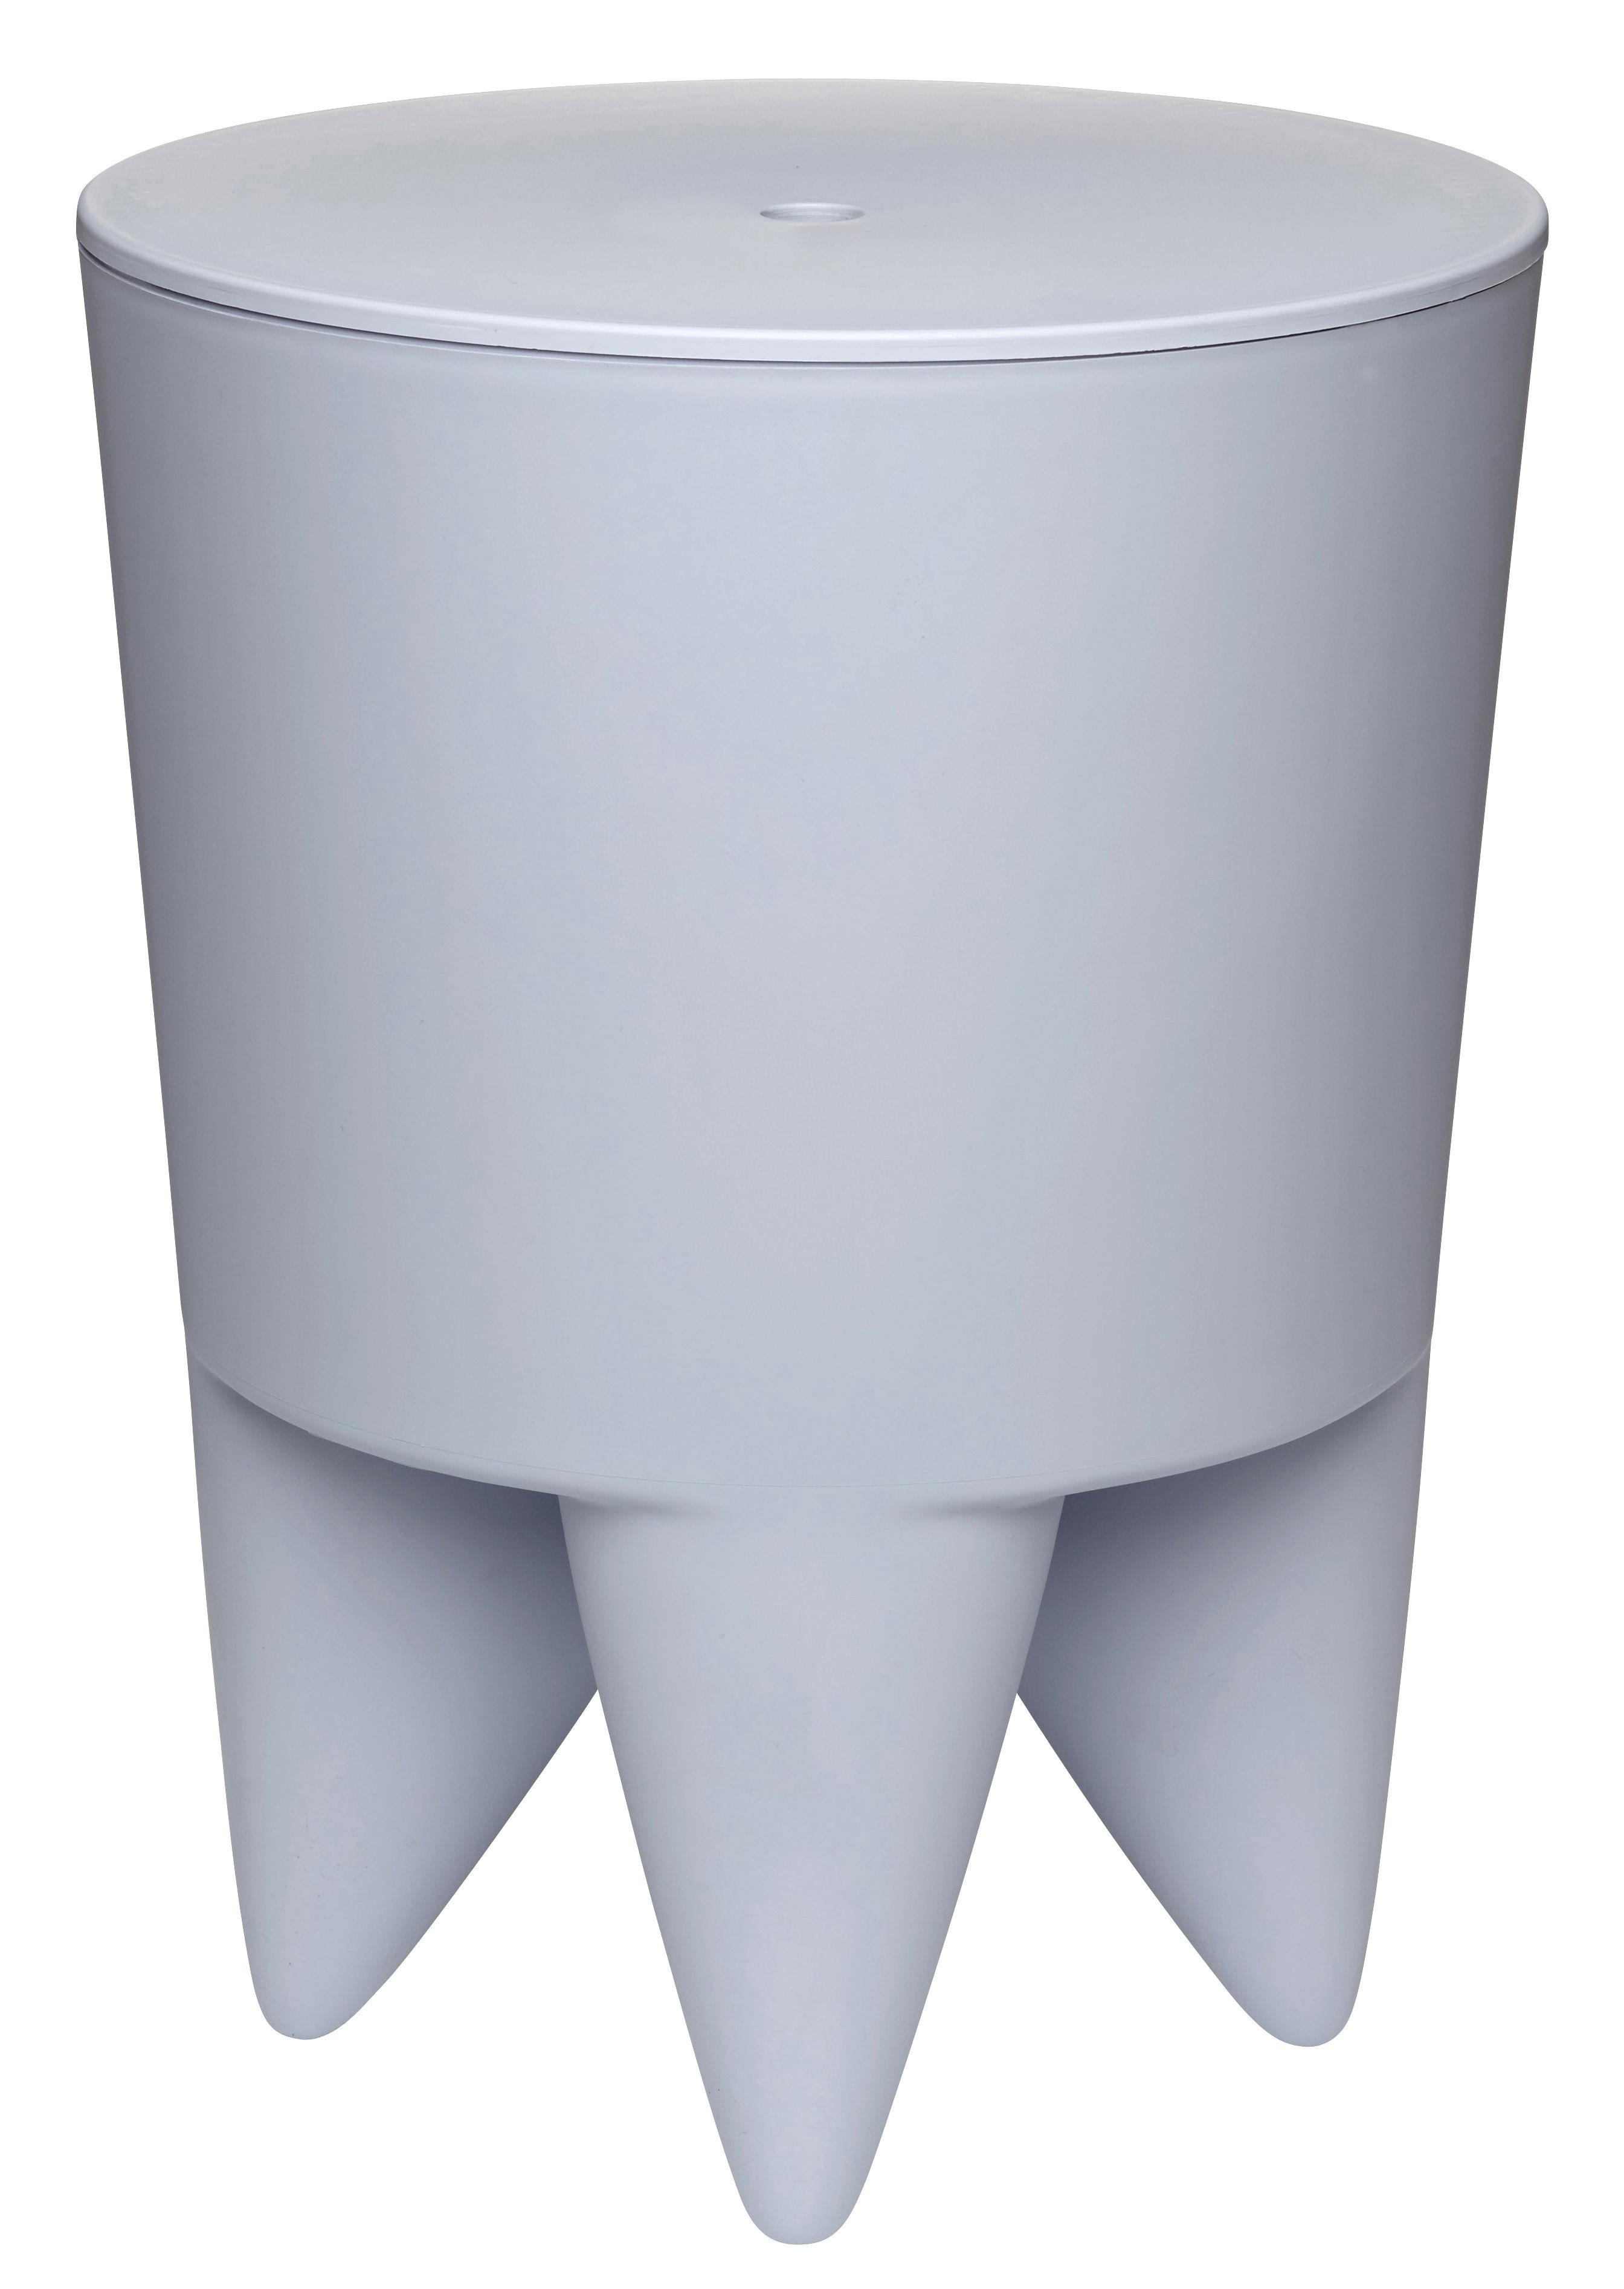 Mobilier - Tabourets bas - Tabouret New Bubu 1er Coffre - Plastique - XO - Bleu pâle - Polypropylène